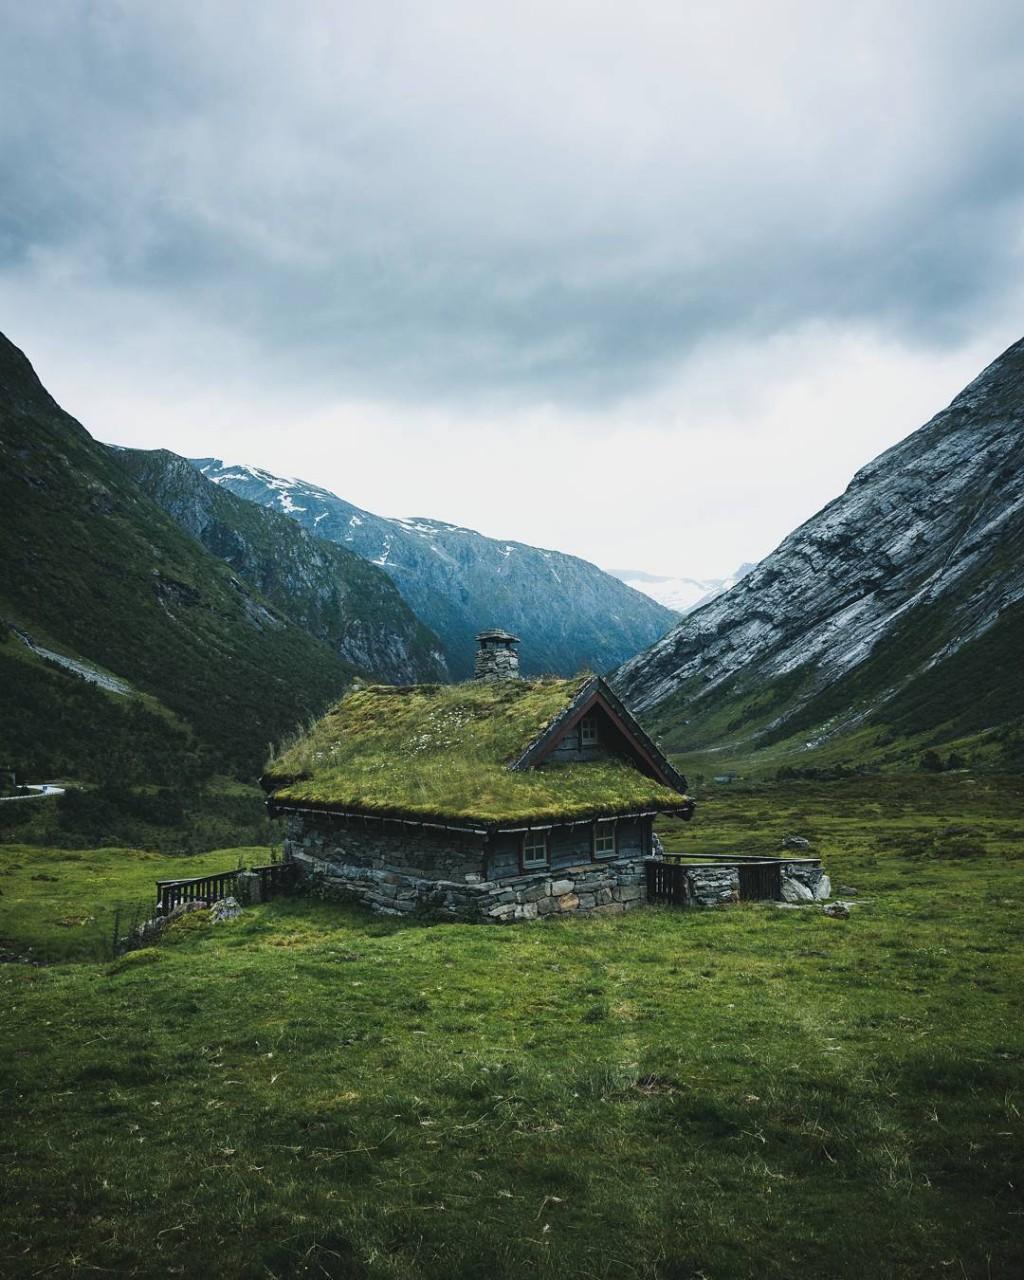 Угрюмая, но притягательная красота пейзажей путешествующего фотографа